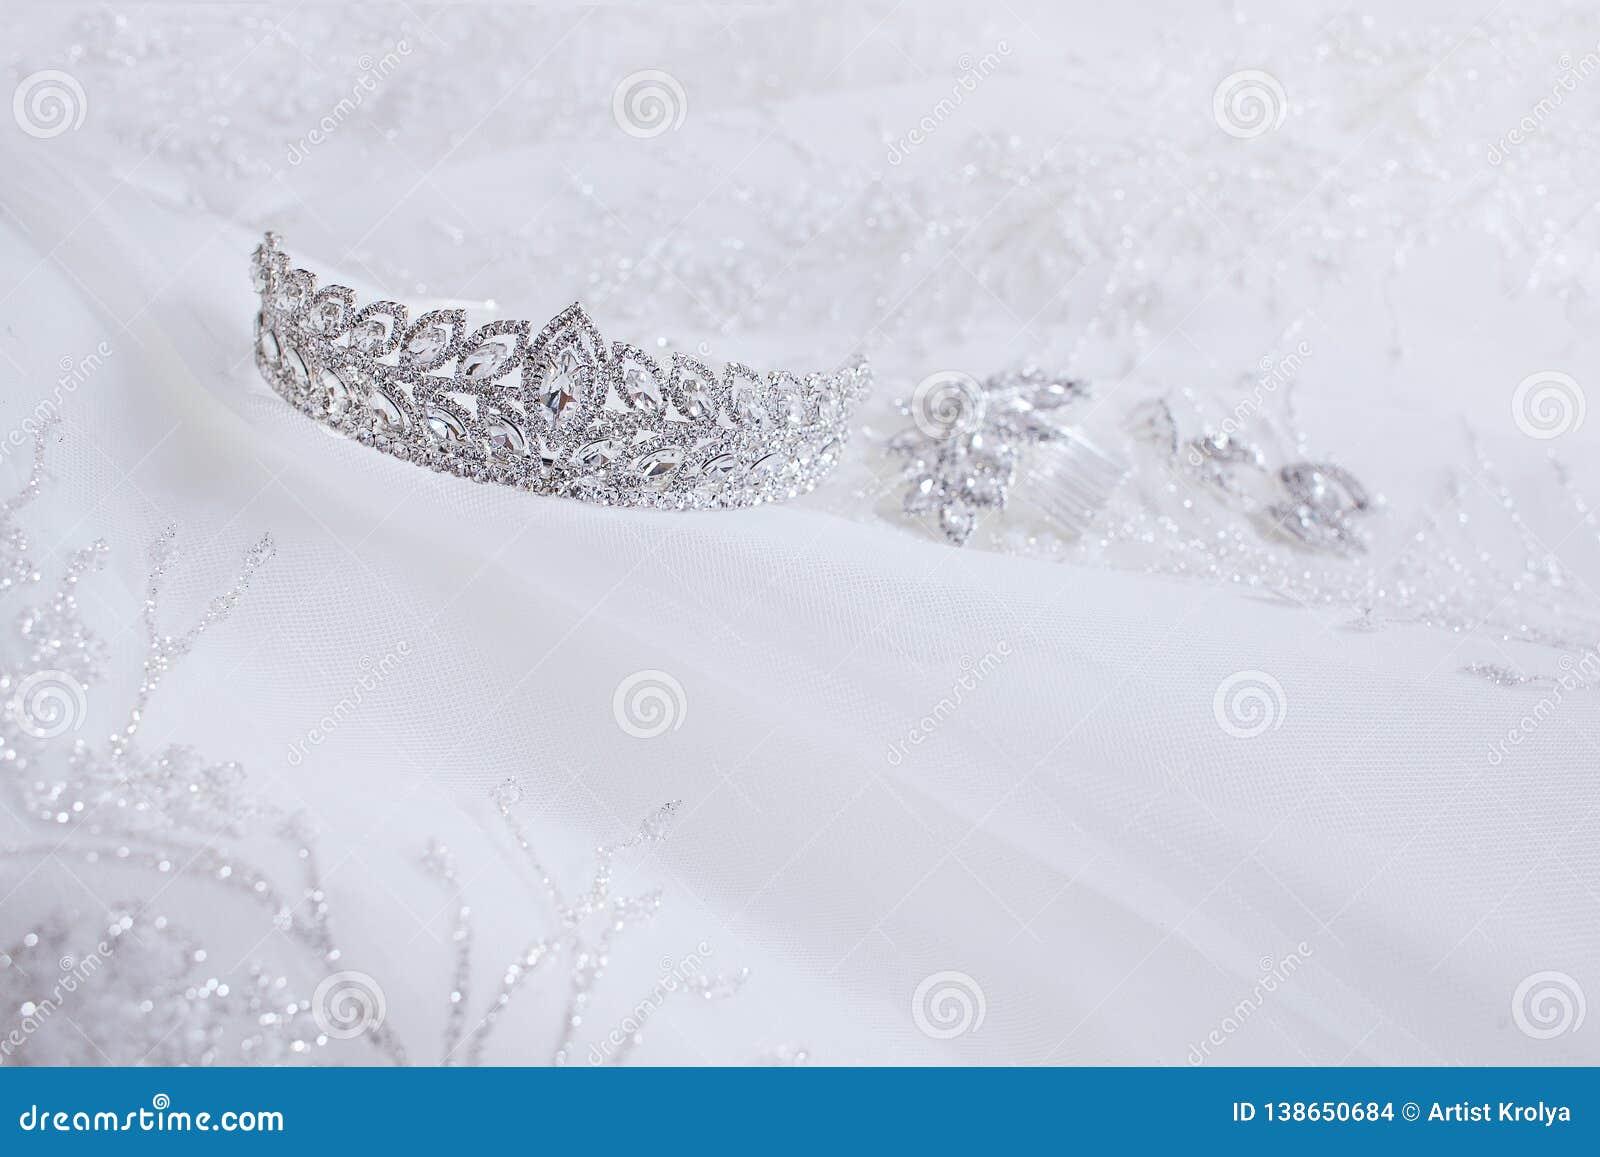 水晶首饰:耳环,簪子,在白色婚姻的背景的王冠